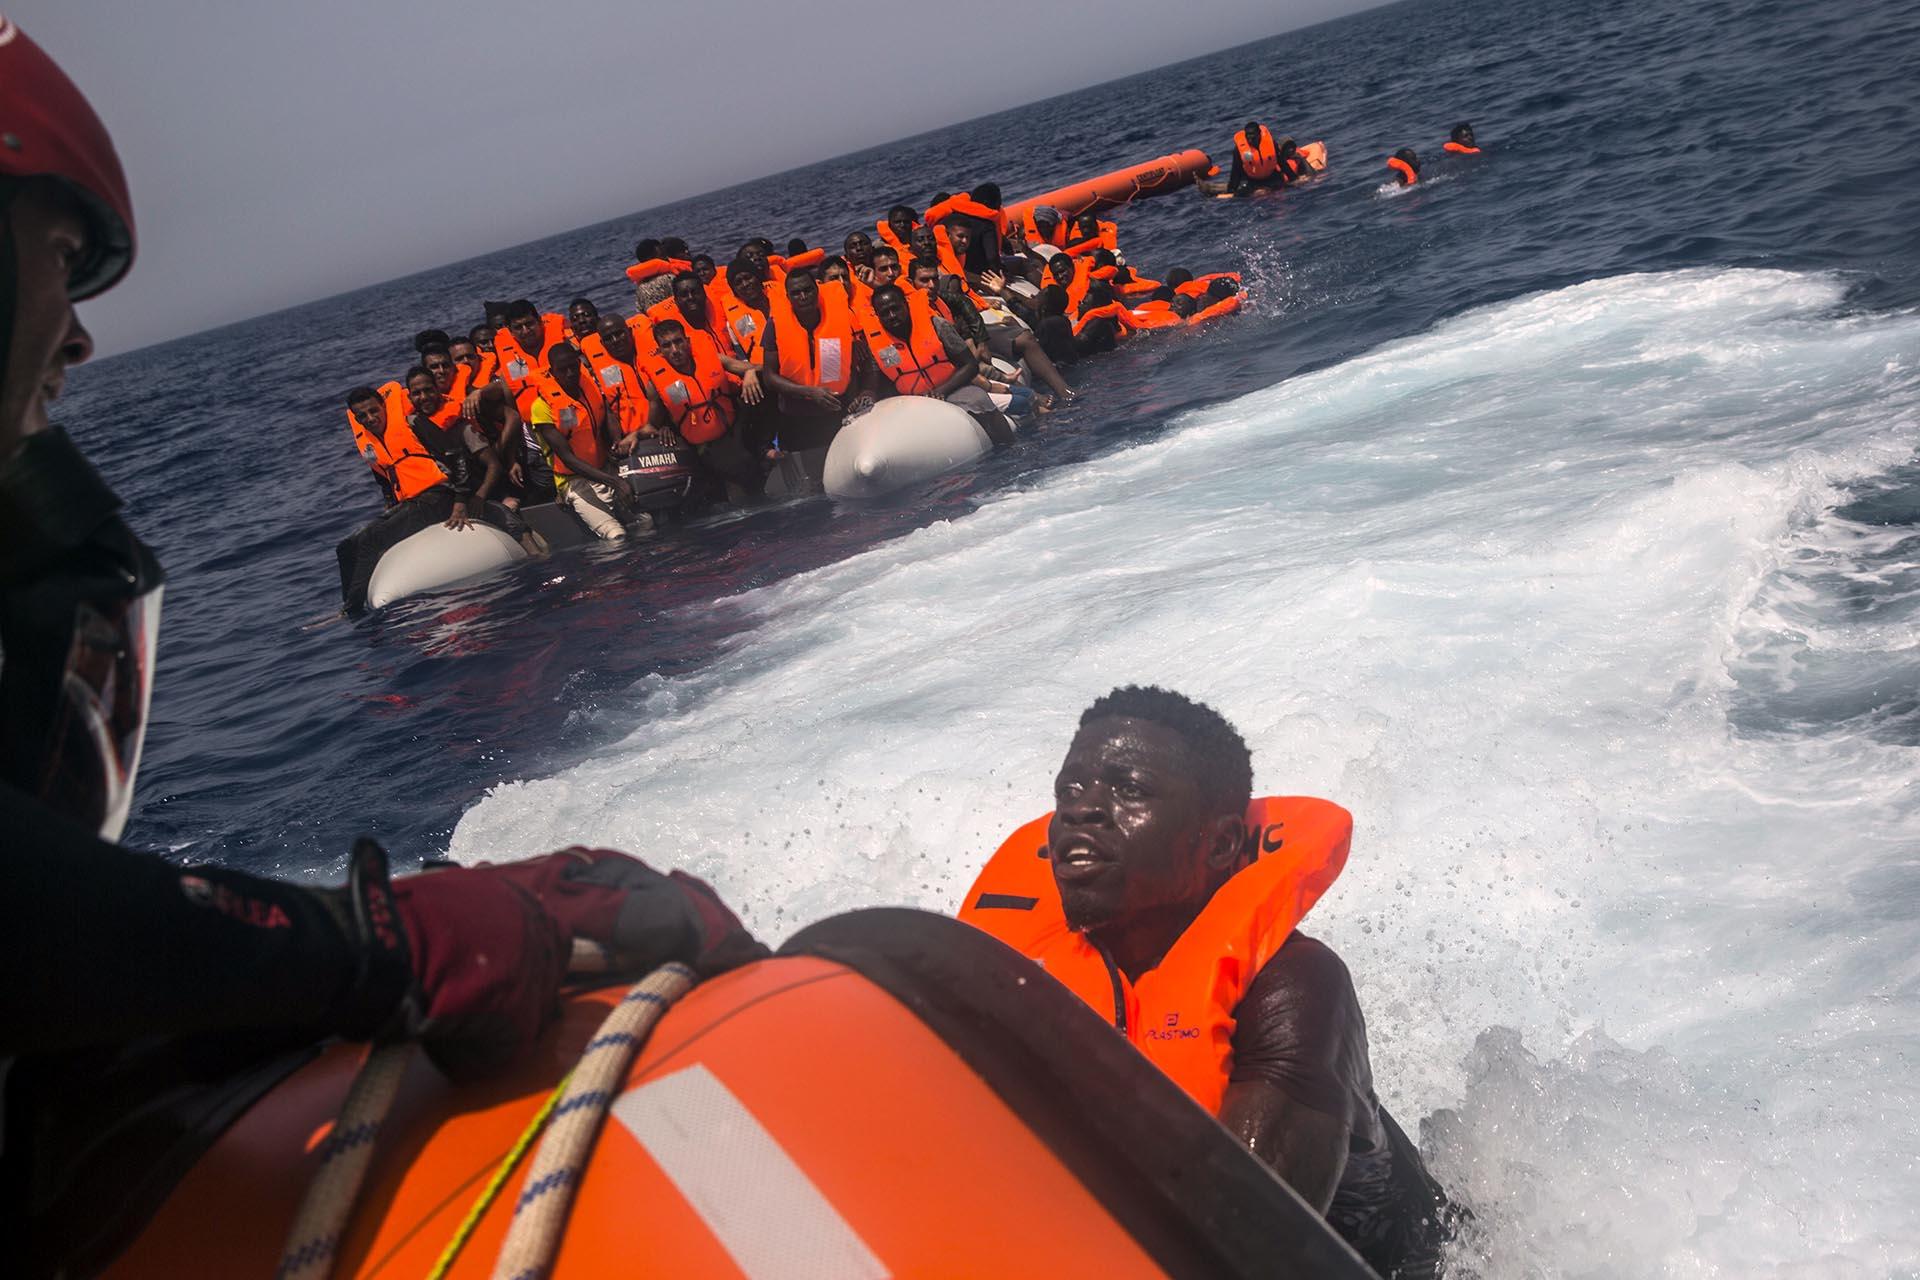 Un inmigrante africano intenta alcanzar un bote salvavidas (AP/Santi Palacios)